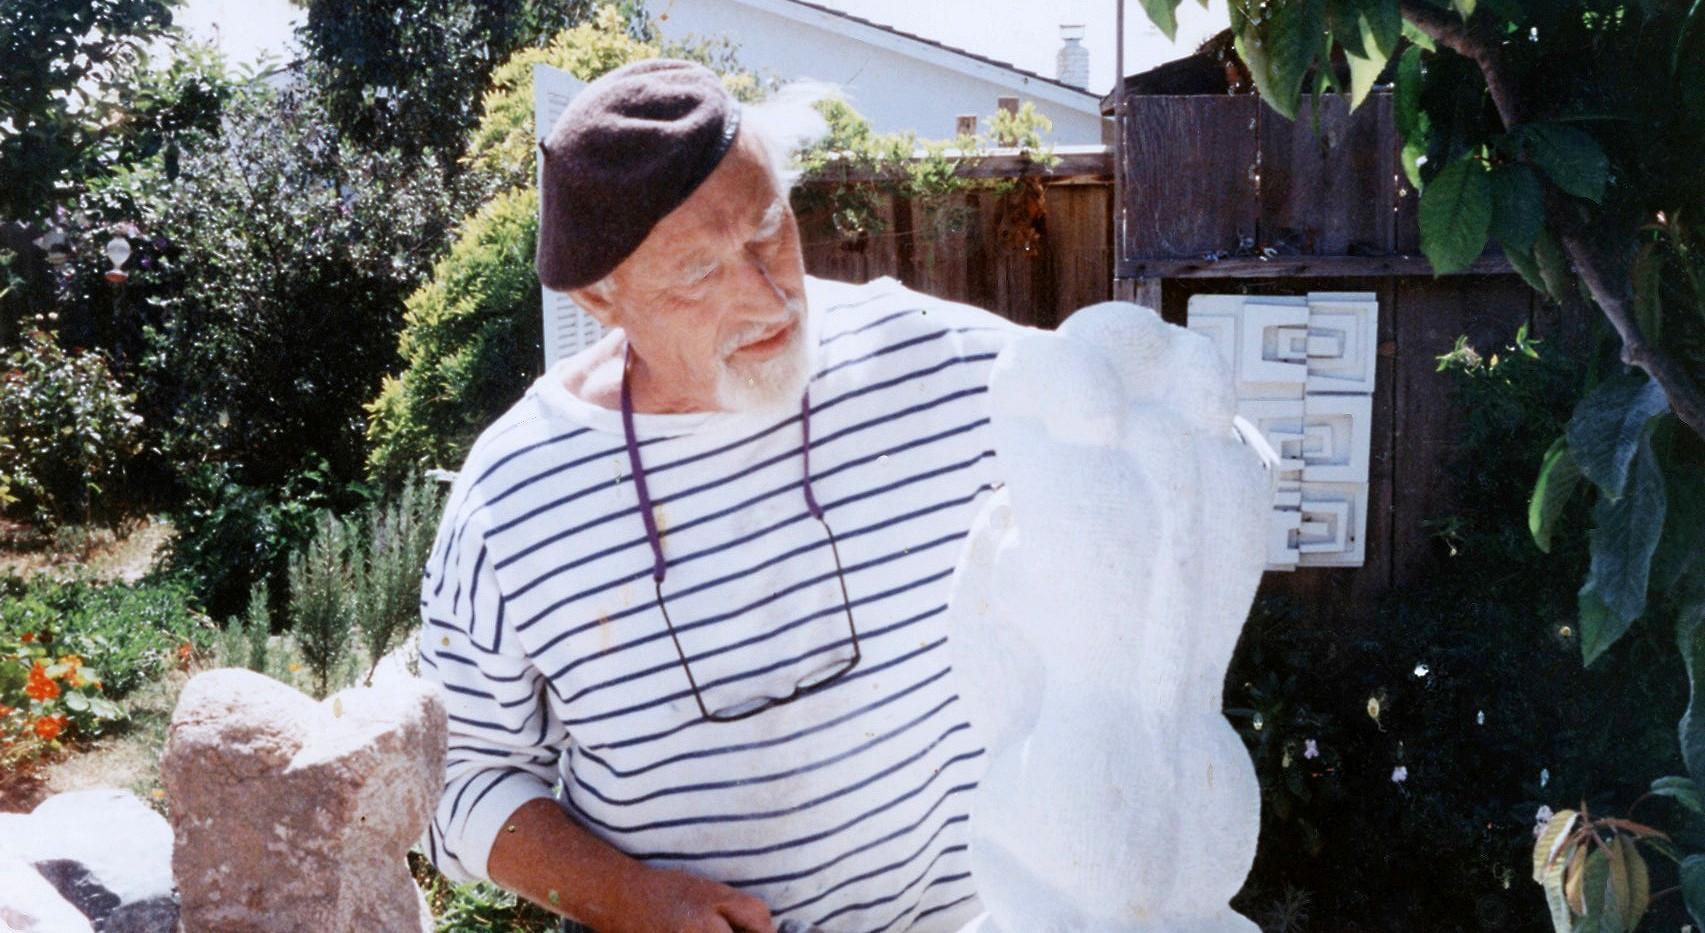 Leda and the swan - Alabaster Sculpture 1992.jpg